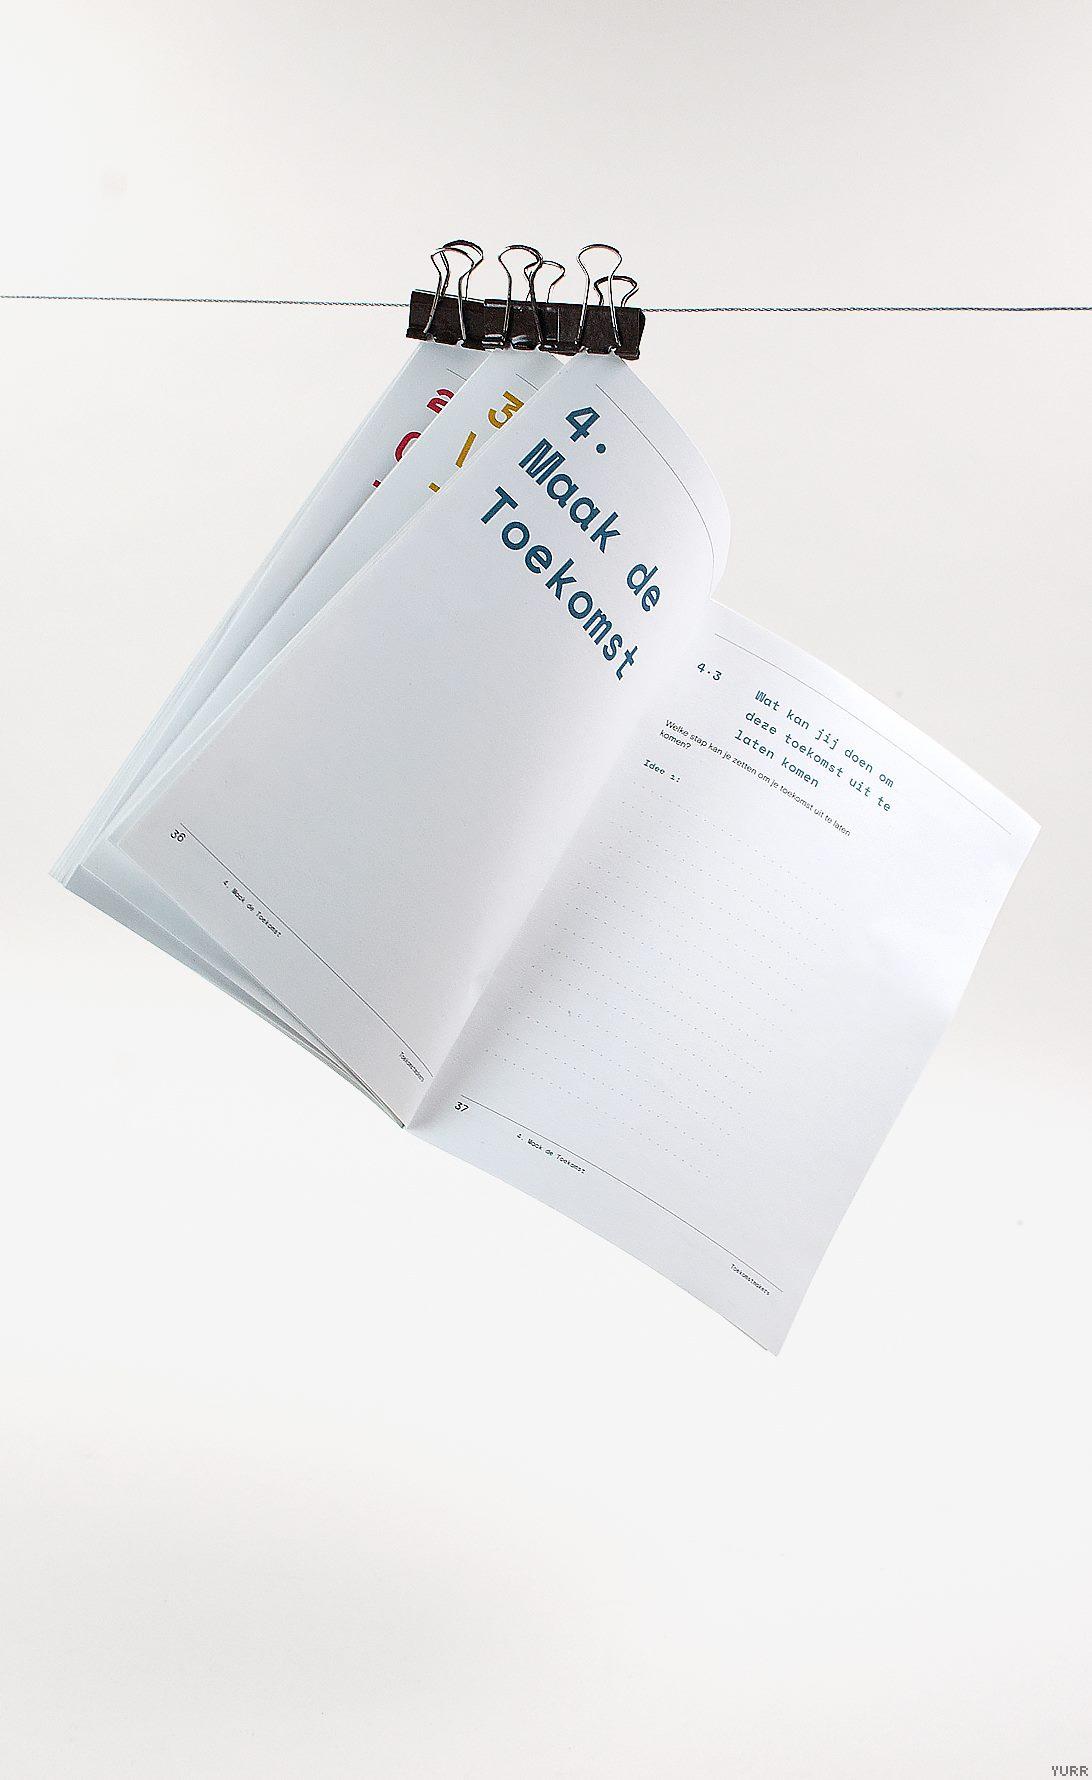 toekomstlespakket1.jpg